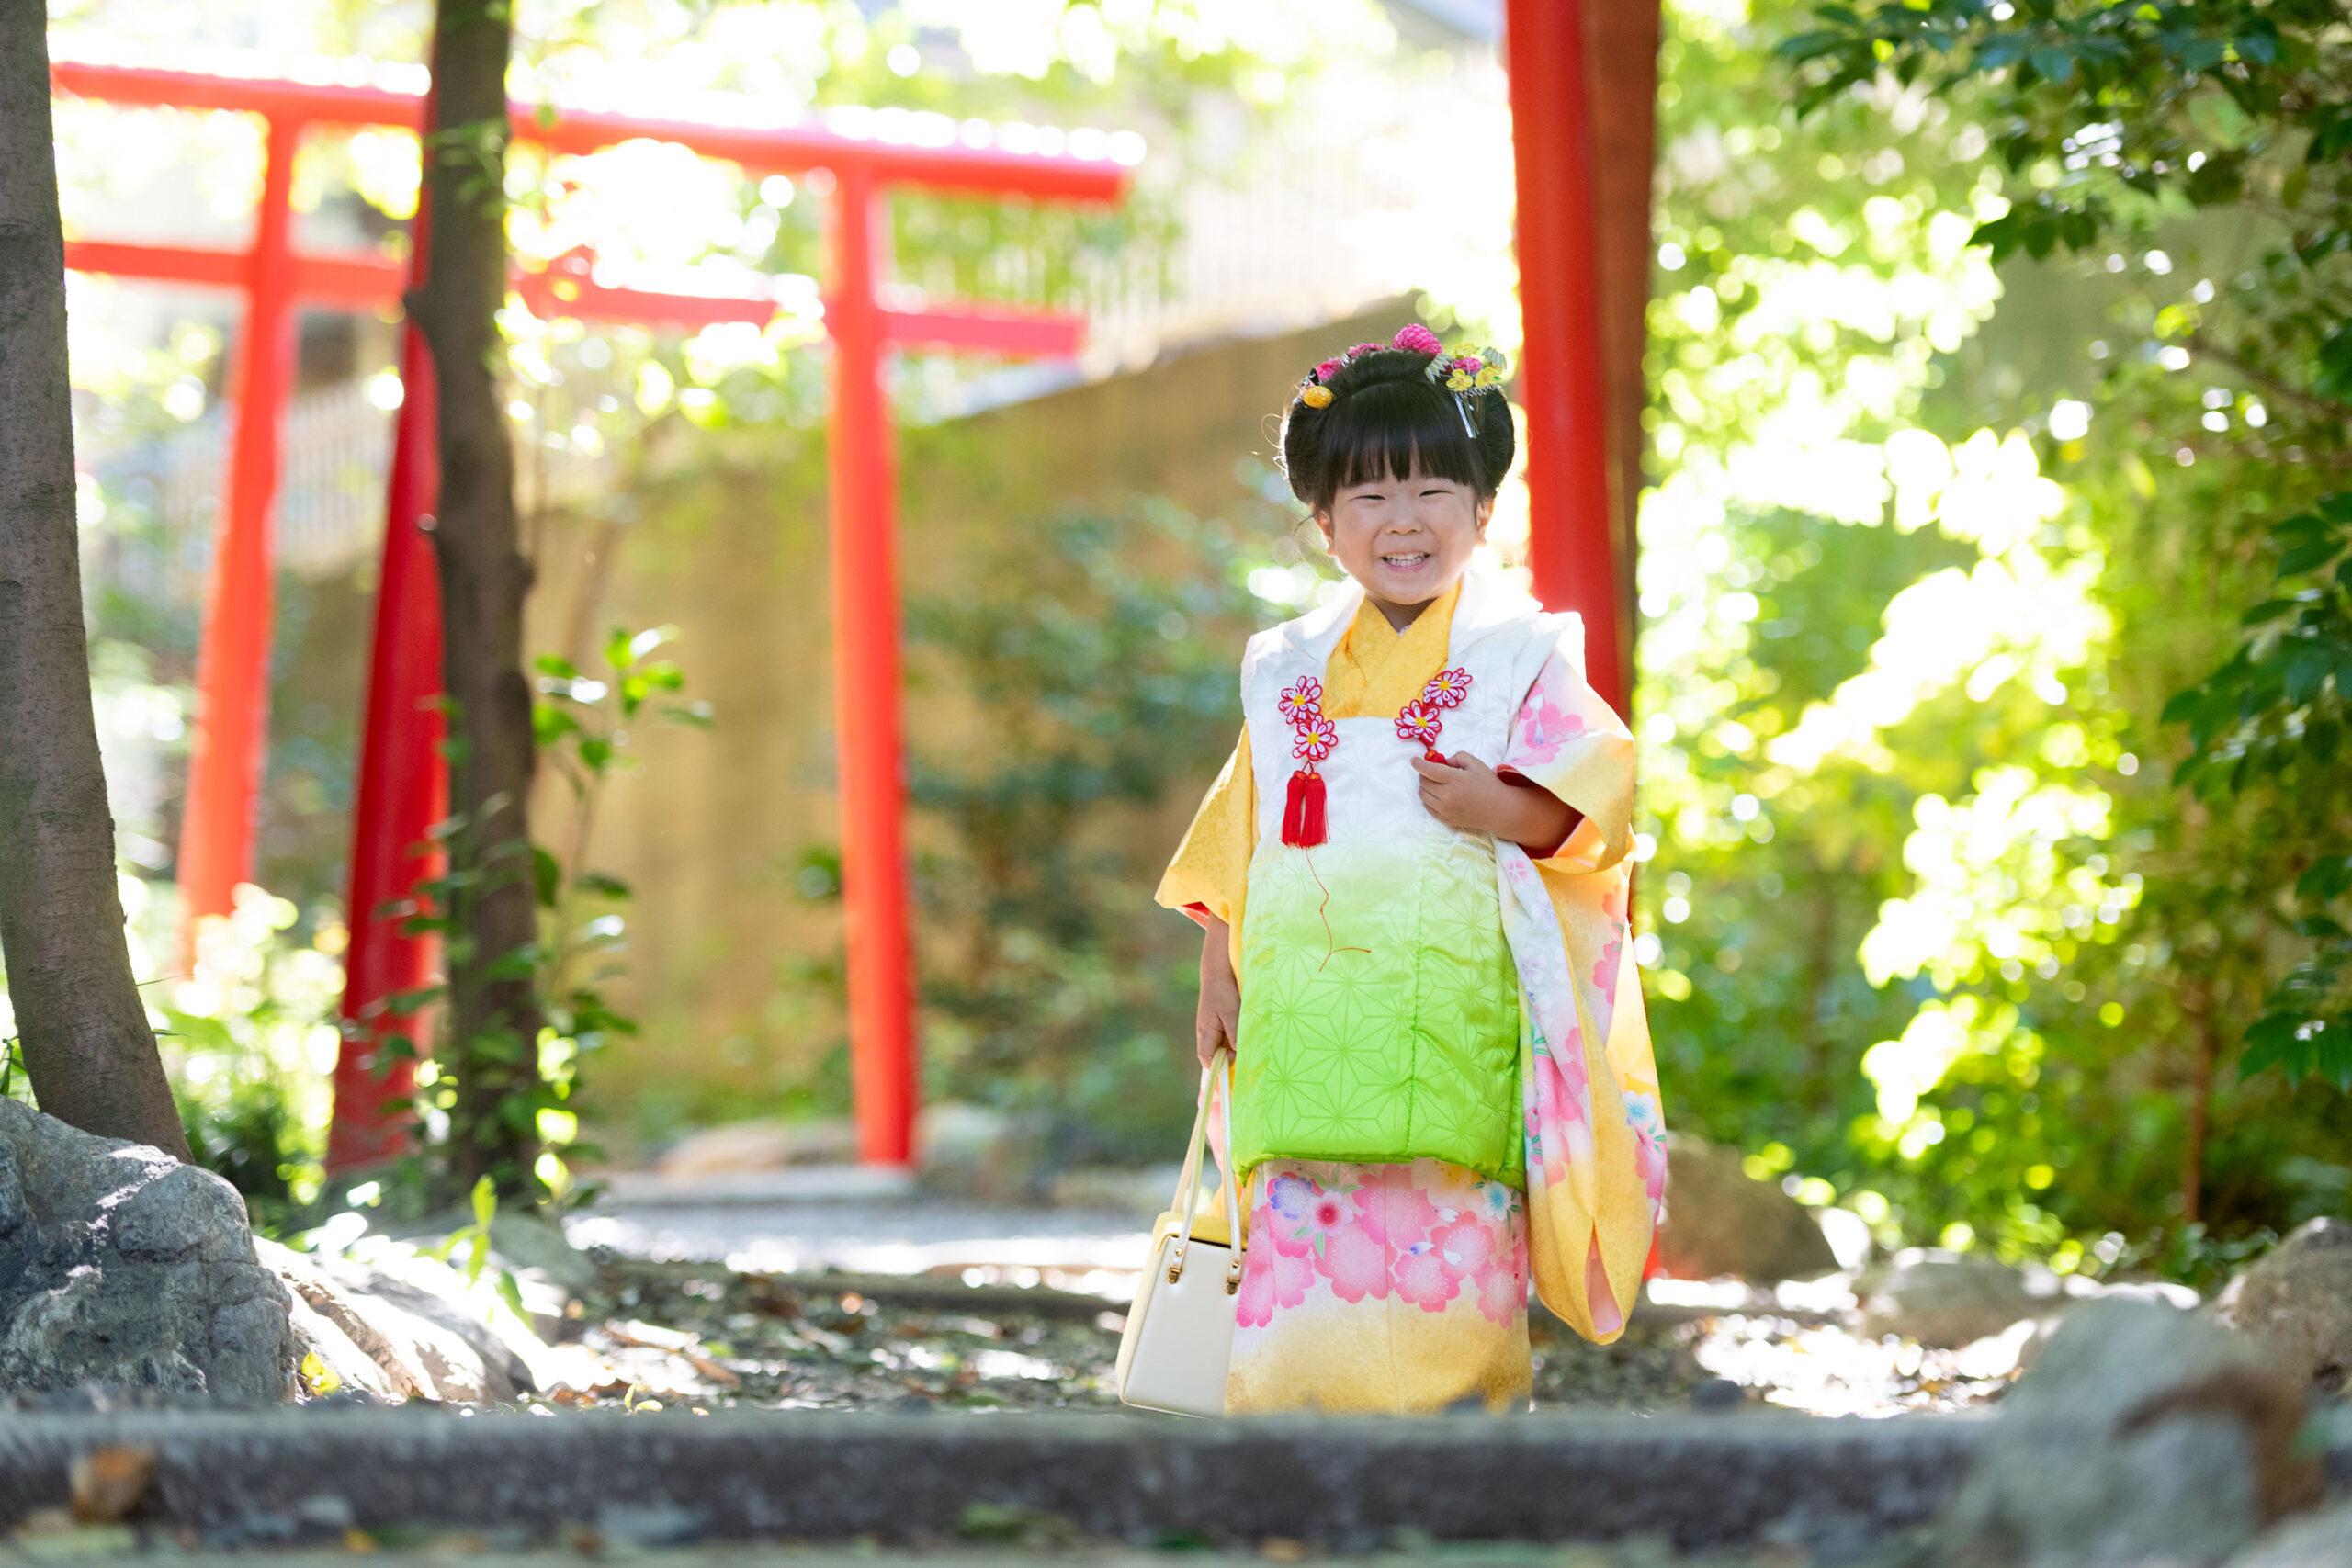 大宮氷川神社七五三の撮影 輝いてますね 4回目のリピーターさん